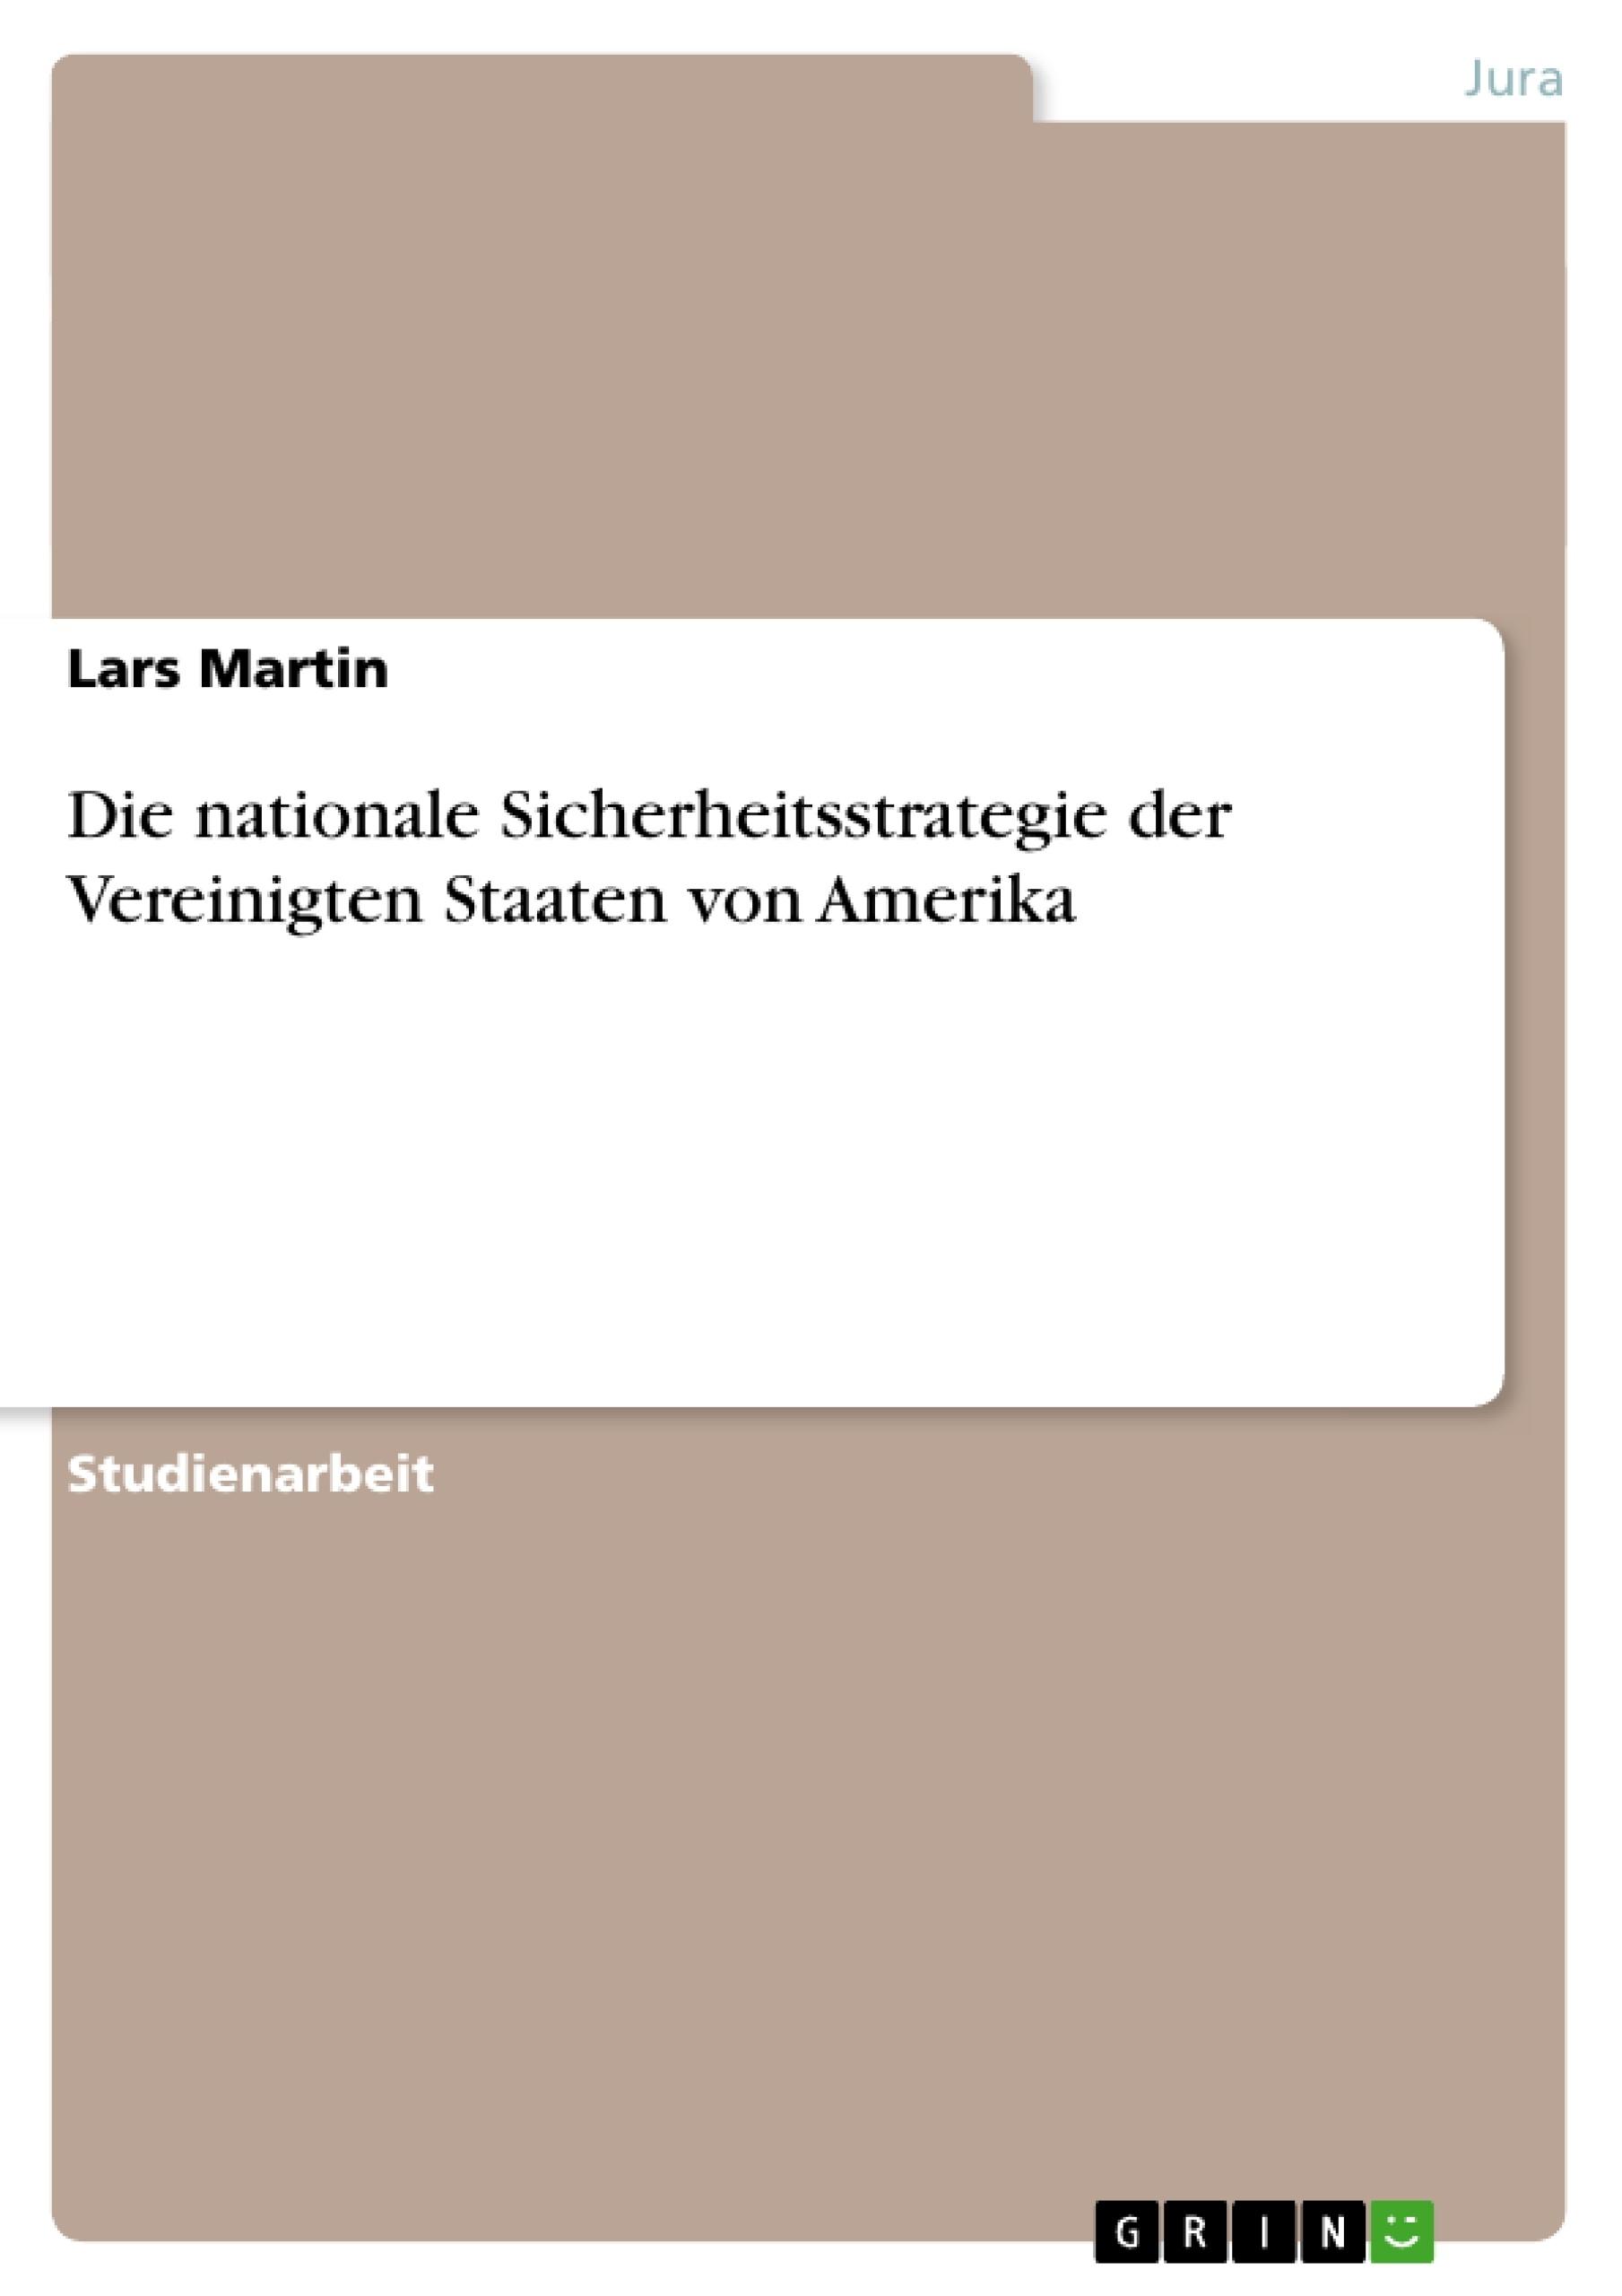 Titel: Die nationale Sicherheitsstrategie der Vereinigten Staaten von Amerika